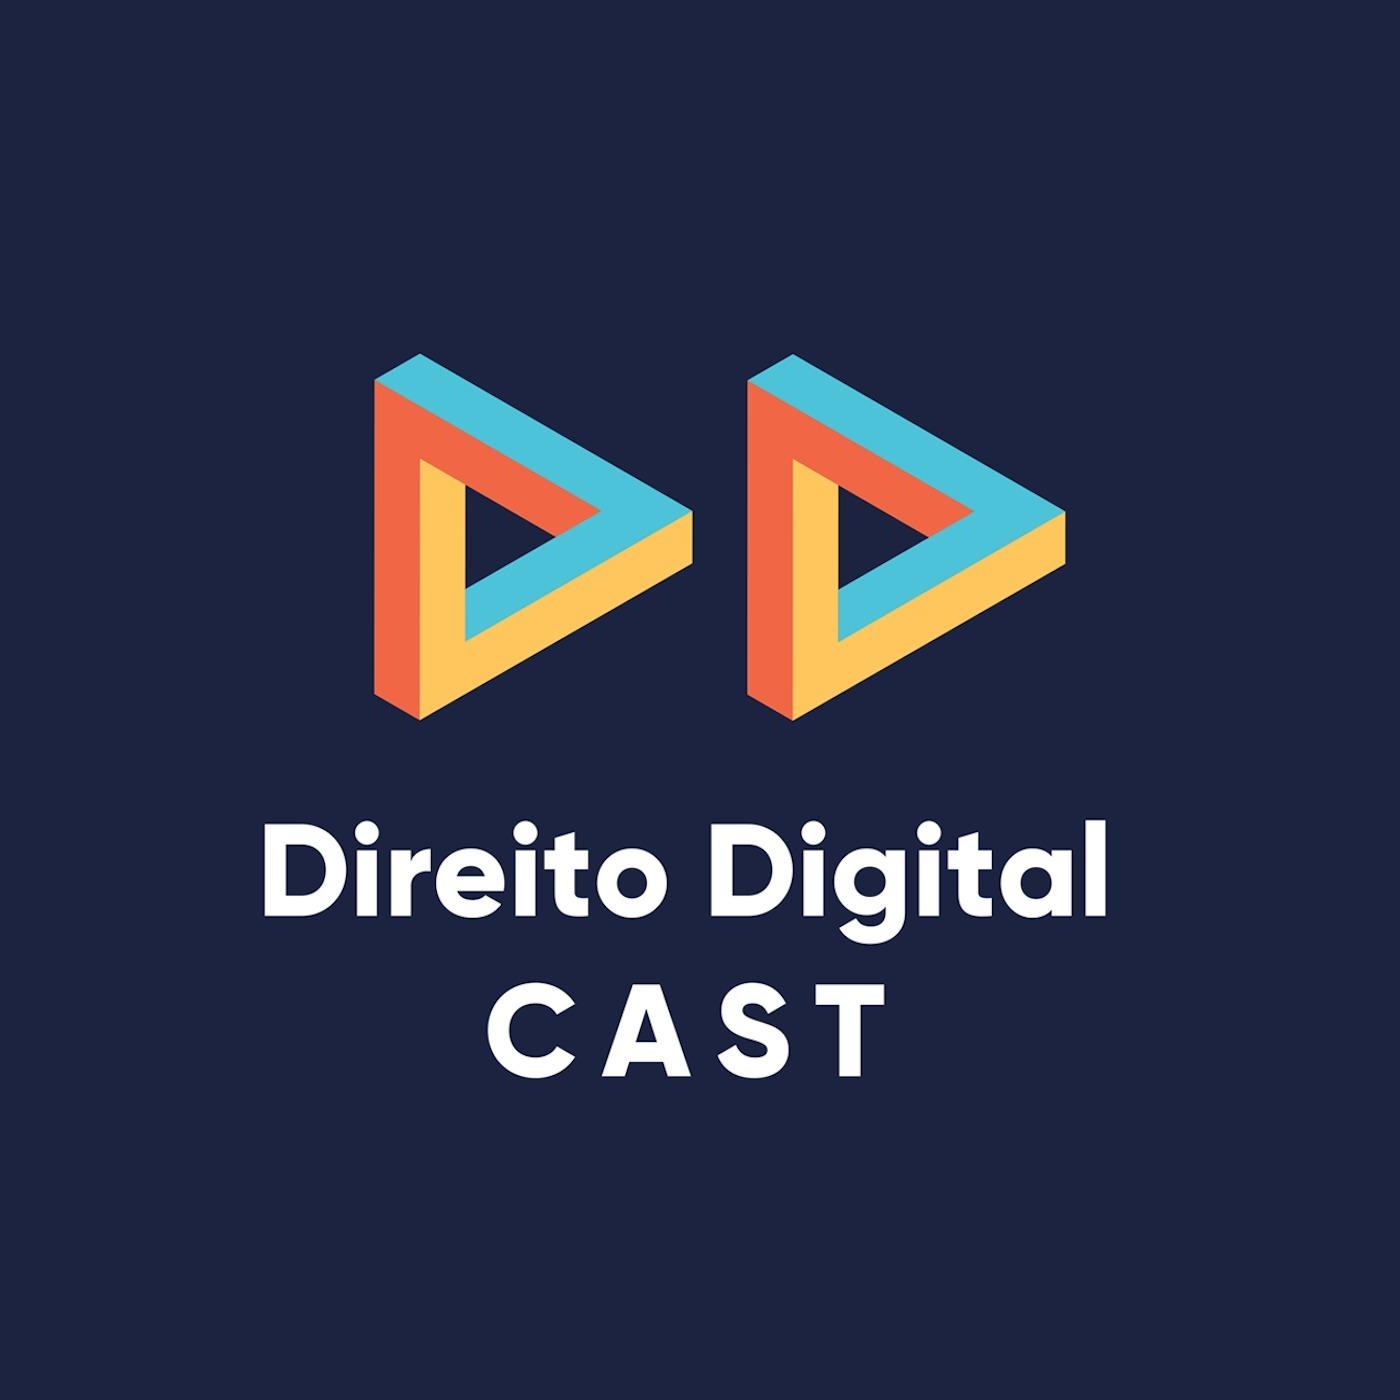 Direito Digital Cast